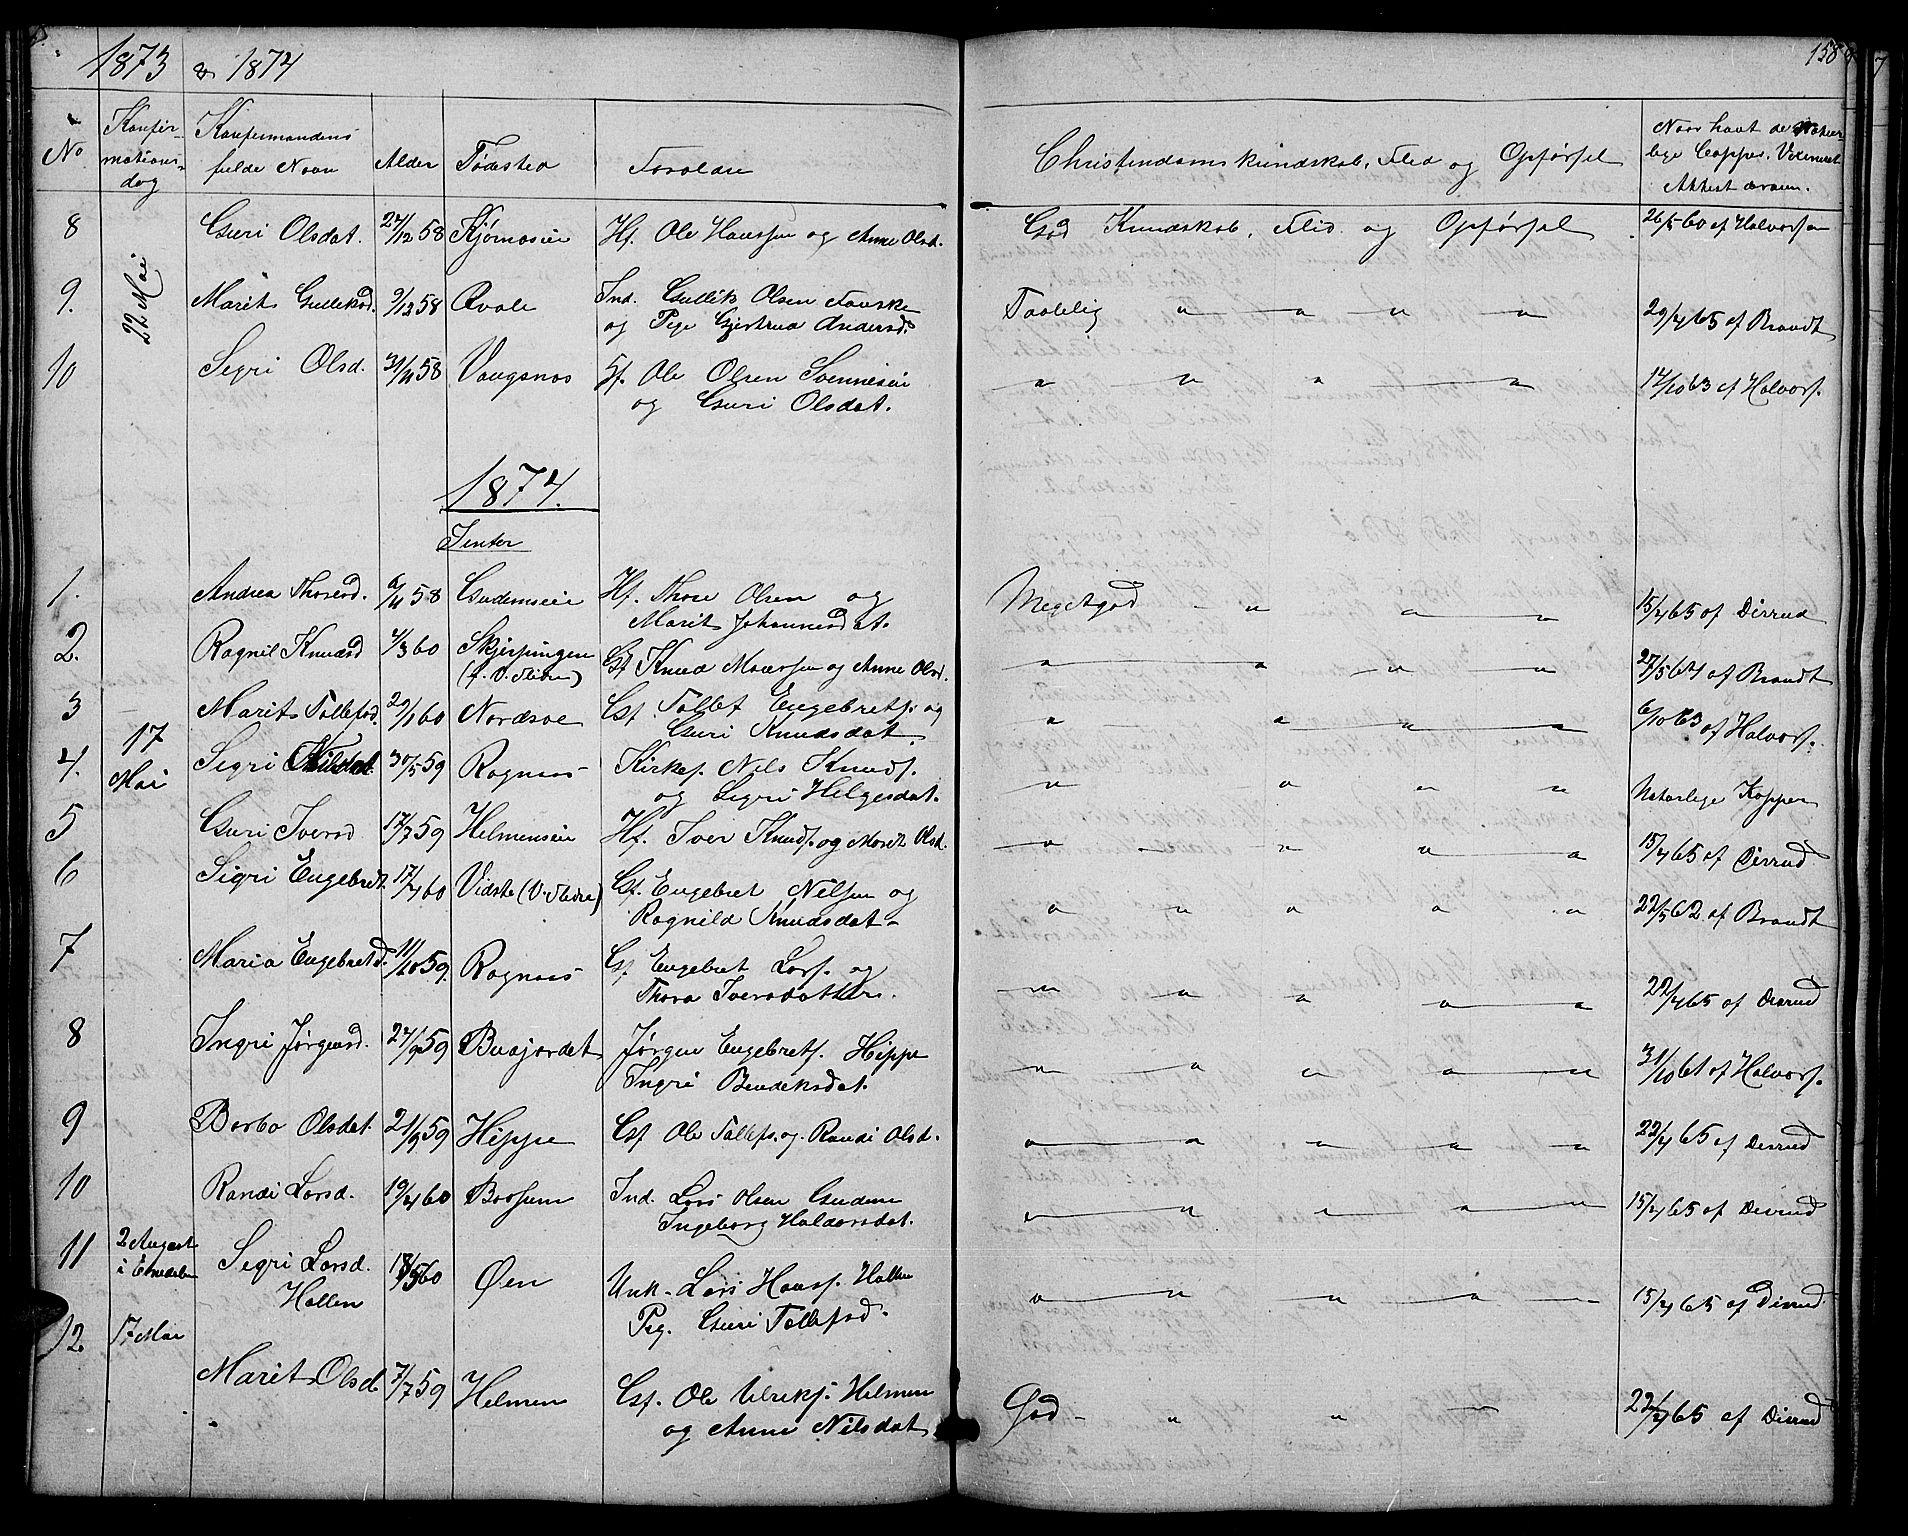 SAH, Nord-Aurdal prestekontor, Klokkerbok nr. 4, 1842-1882, s. 158